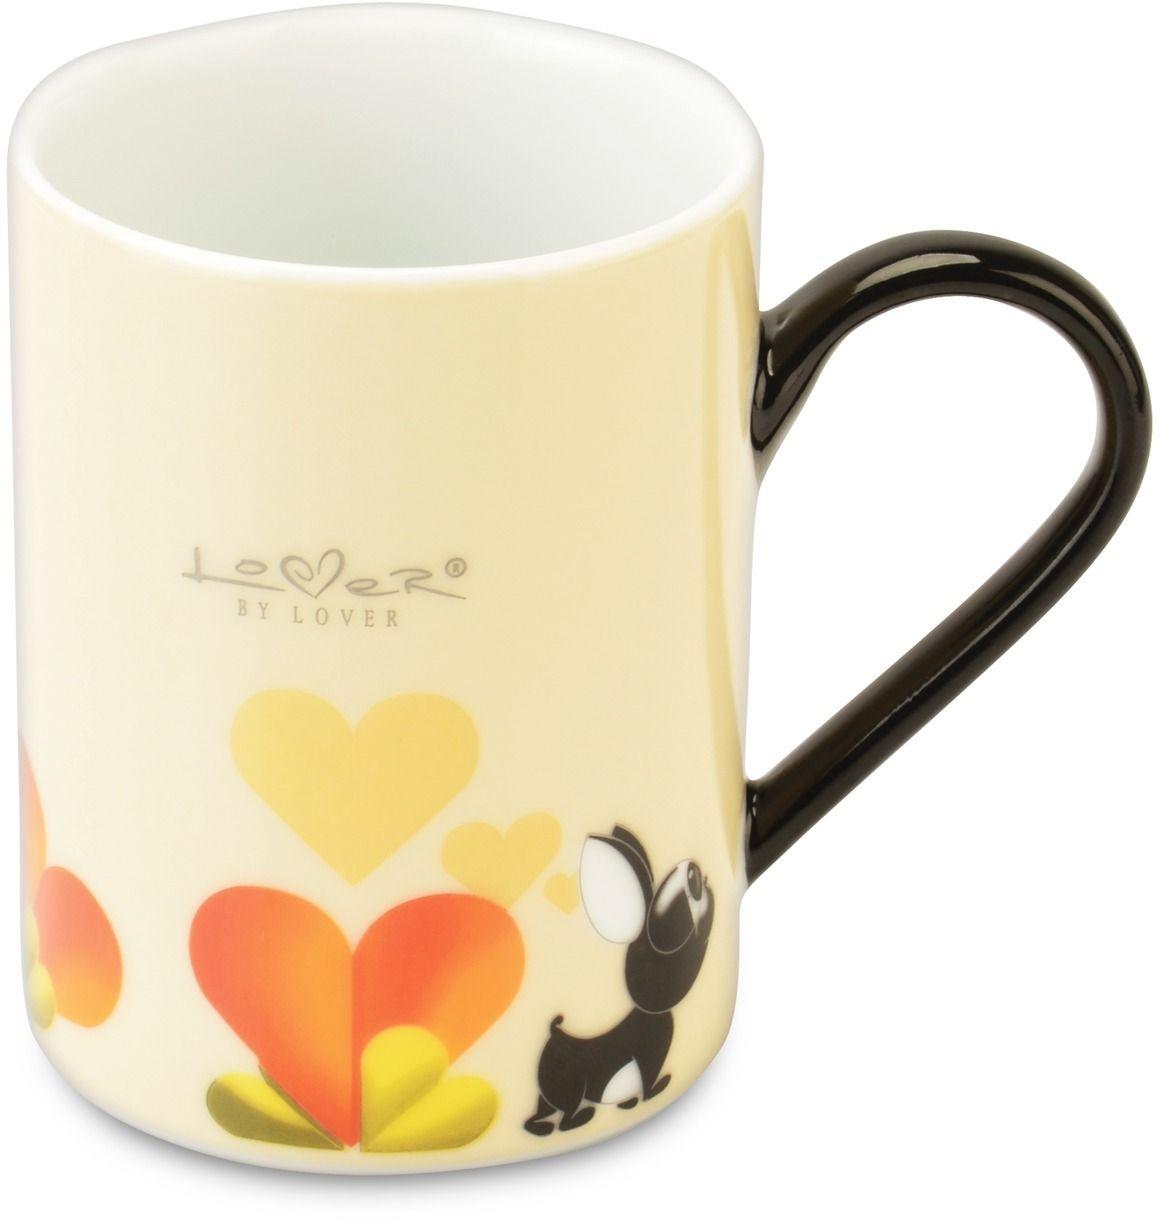 Набор кружек BergHOFF Lover by Lover, цвет: желтый, 300 мл, 2 шт3800012